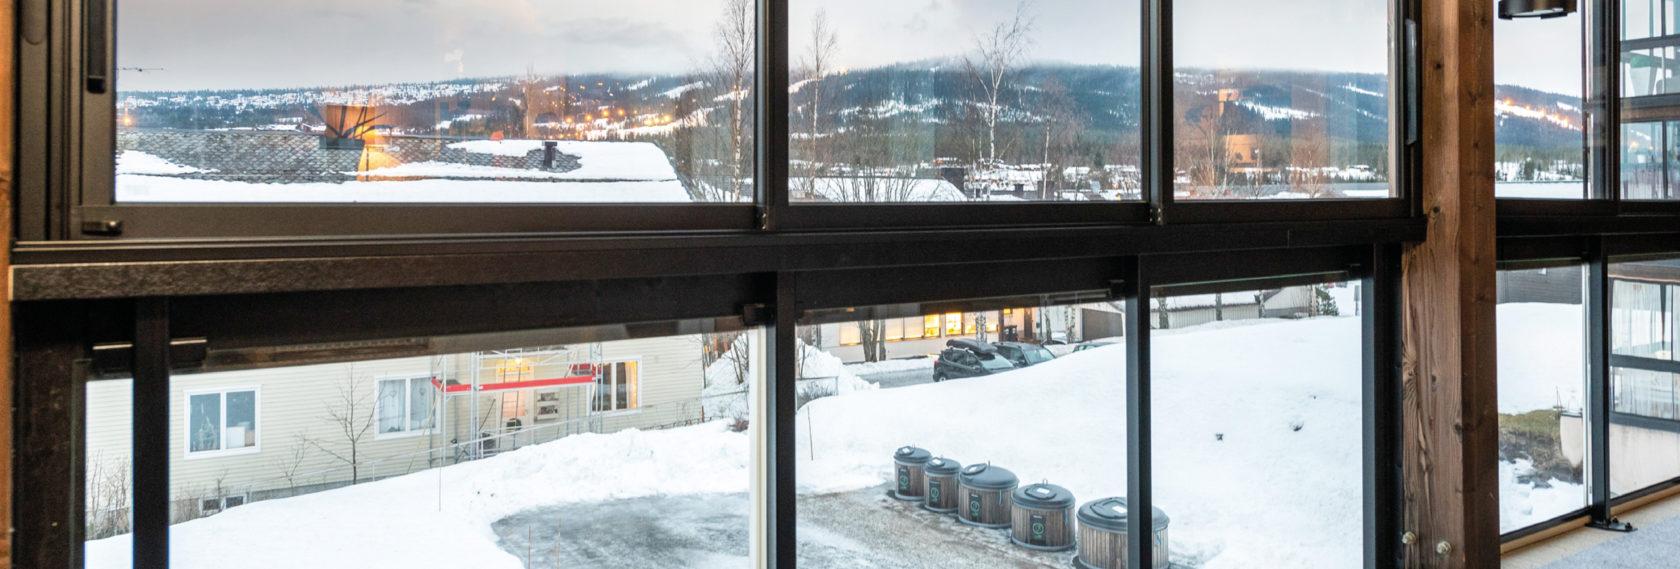 Bilde fra innside av leilighet i trysil sentrum - booktrysilonline